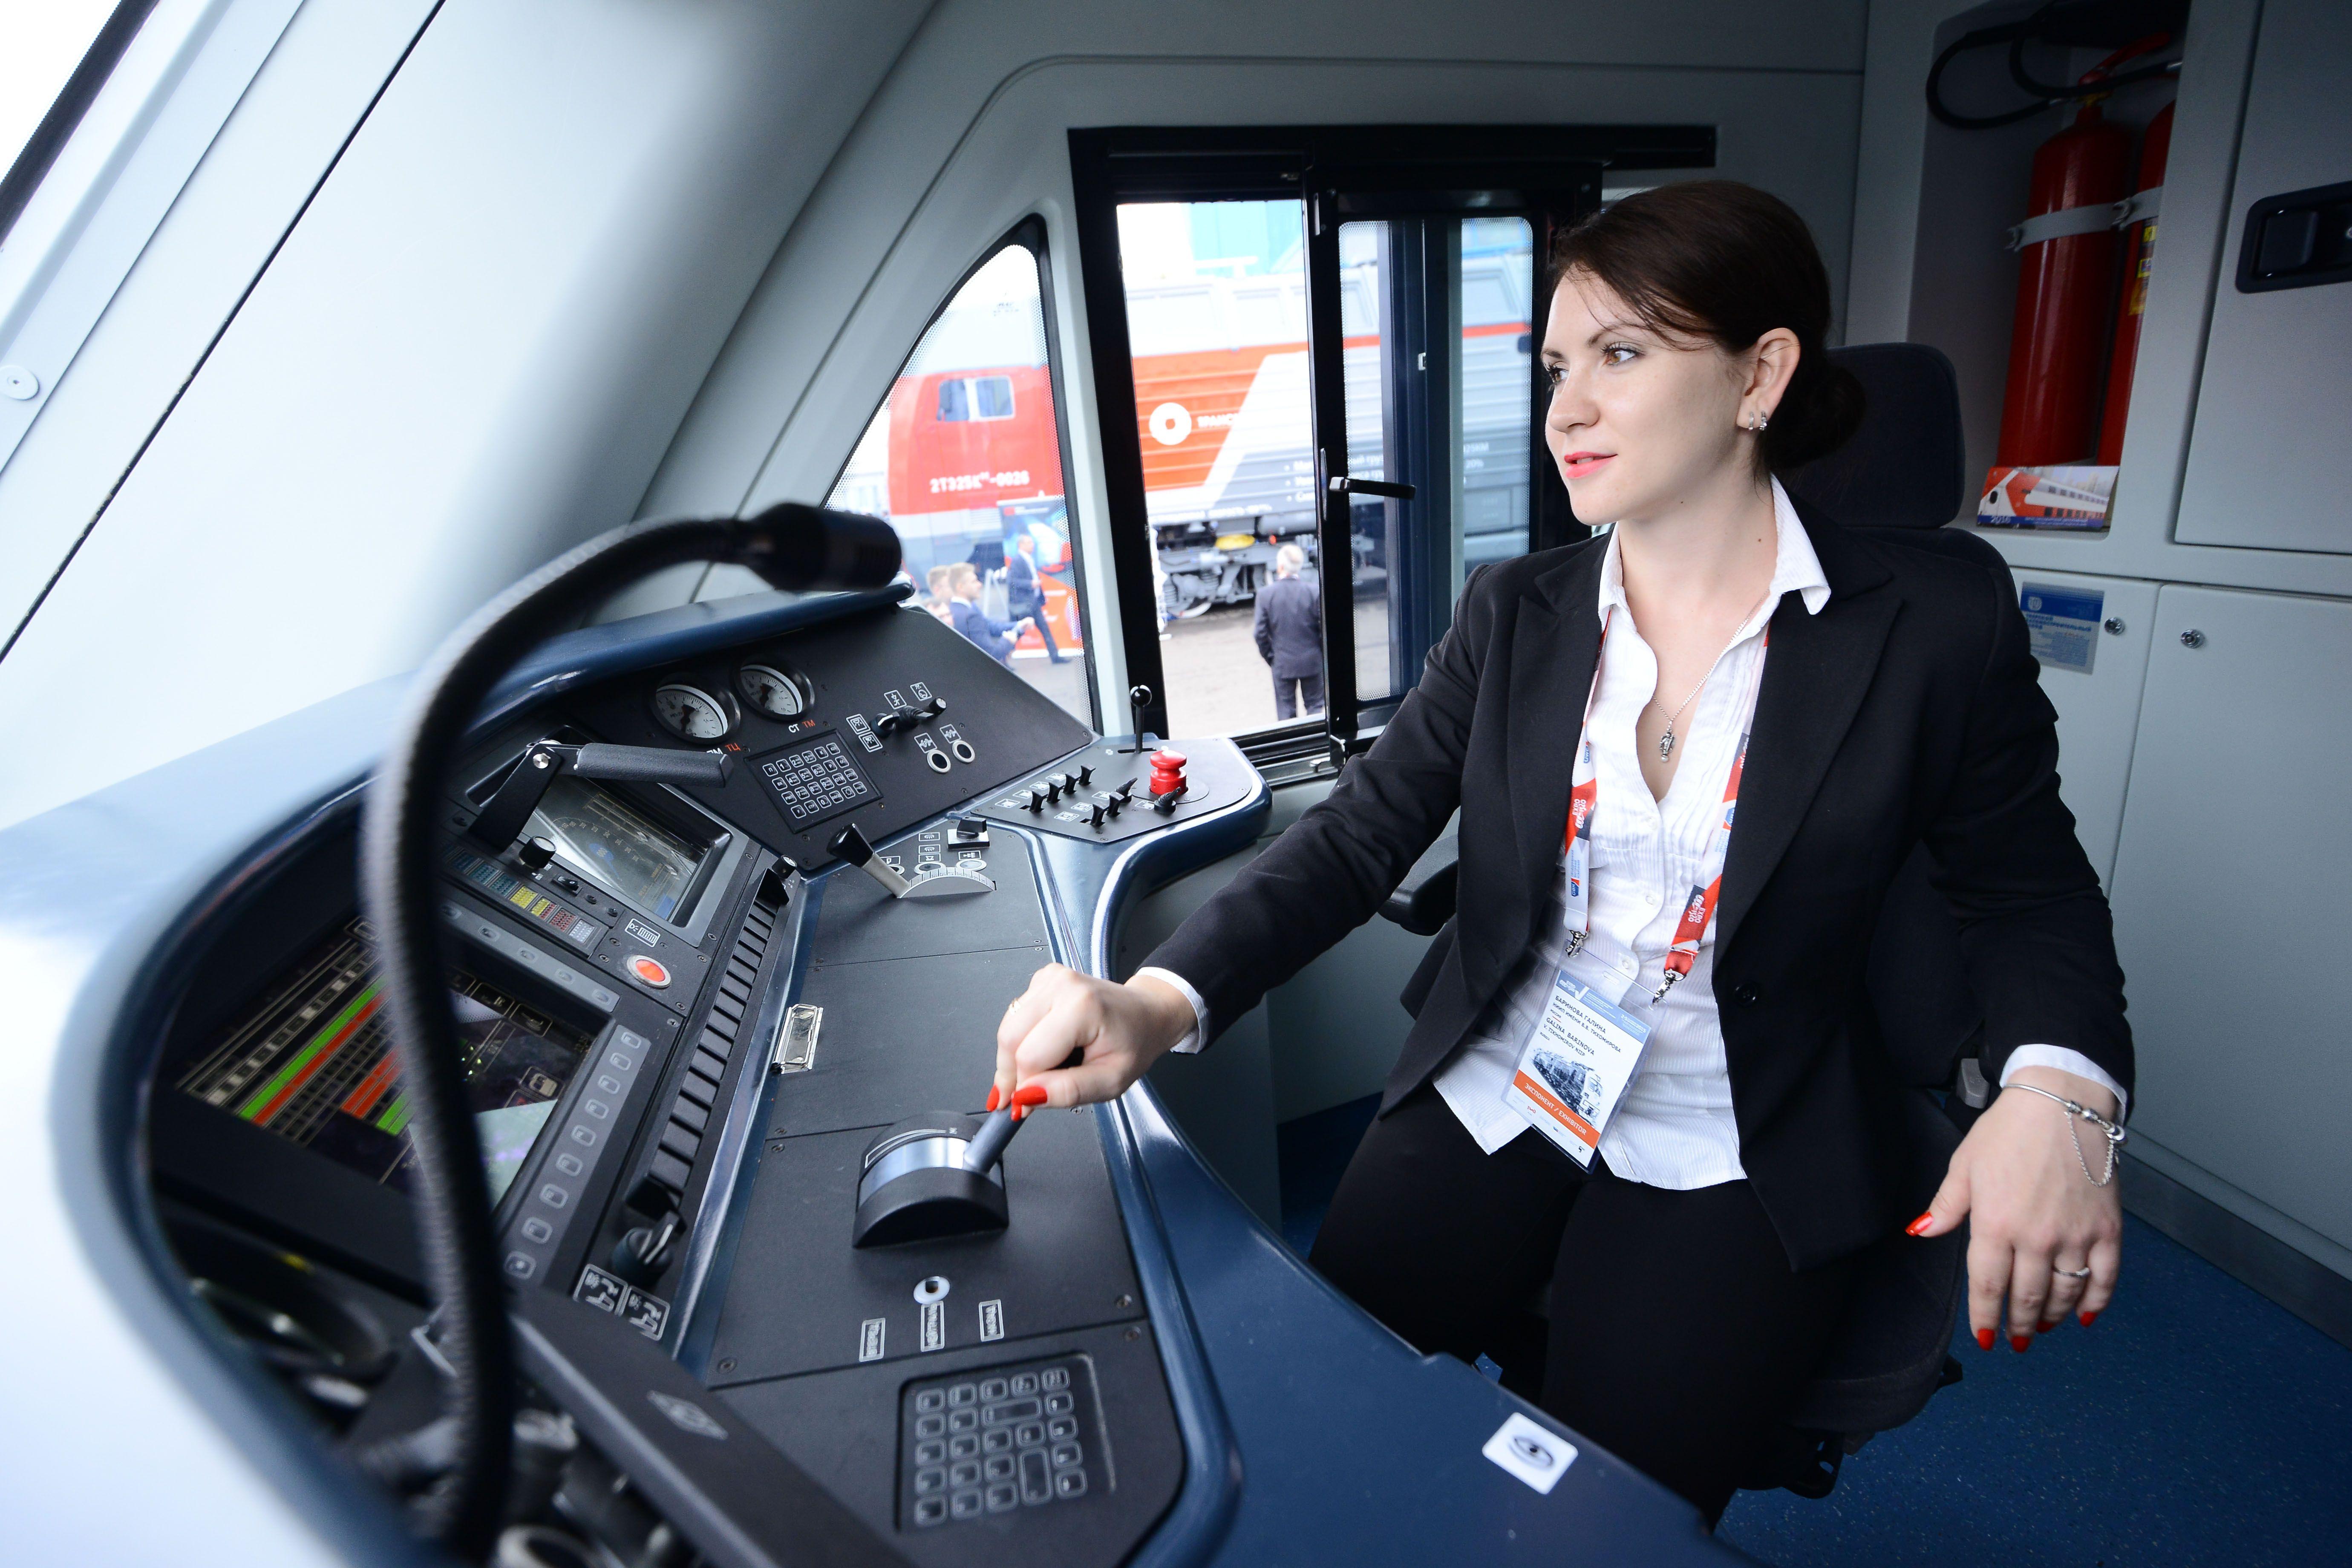 Первые женщины-машинисты начнут работу в метро Москвы в январе